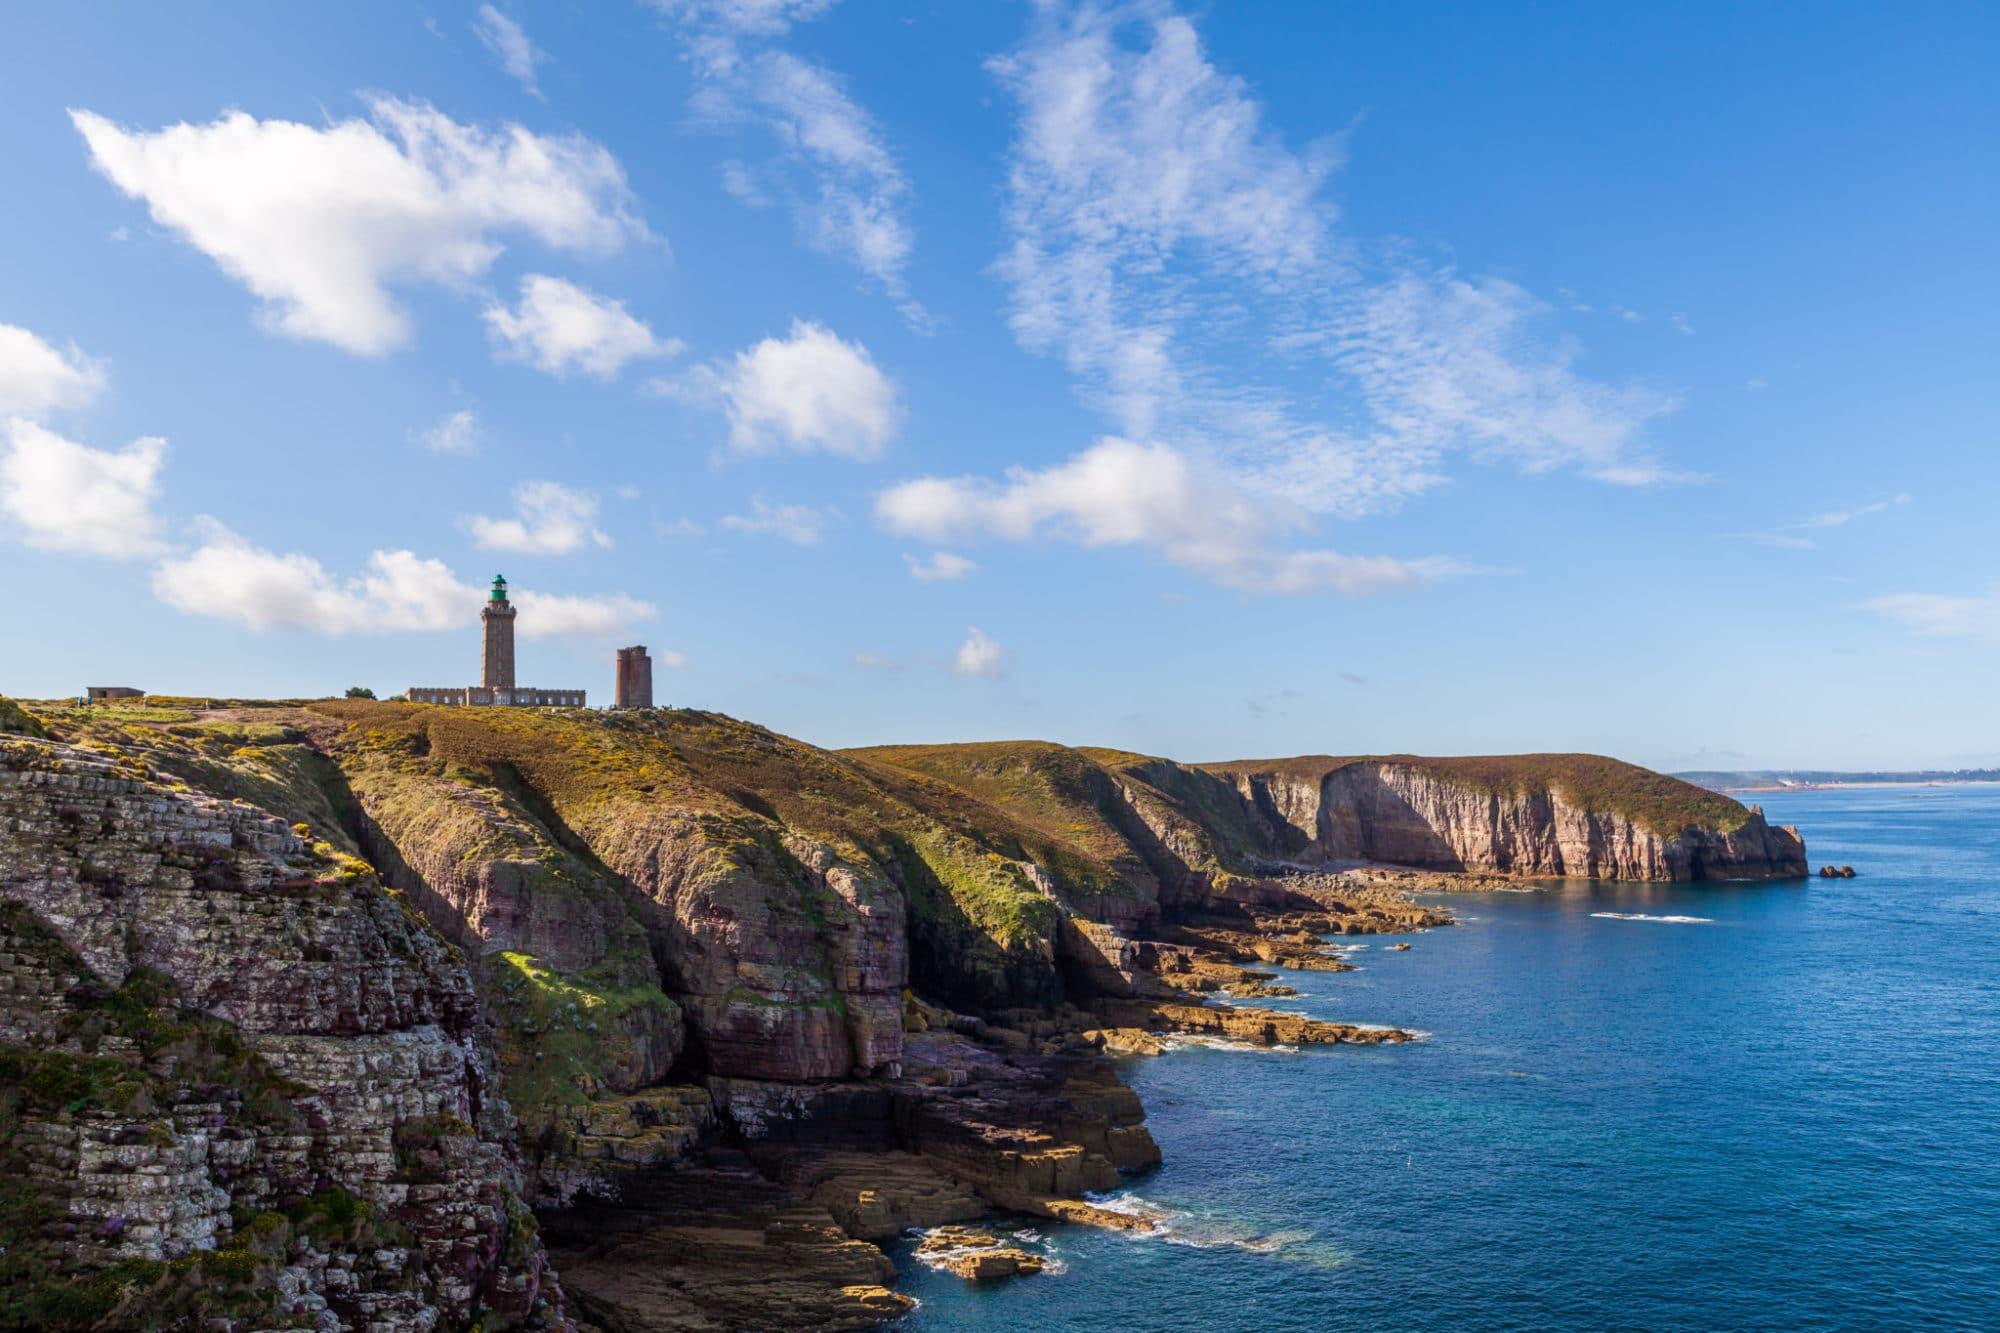 Une vue magnifique du Cap Frehel depuis la mer en Bretagne - Récit de voyage sur le site Vos Plus Belles Destinations